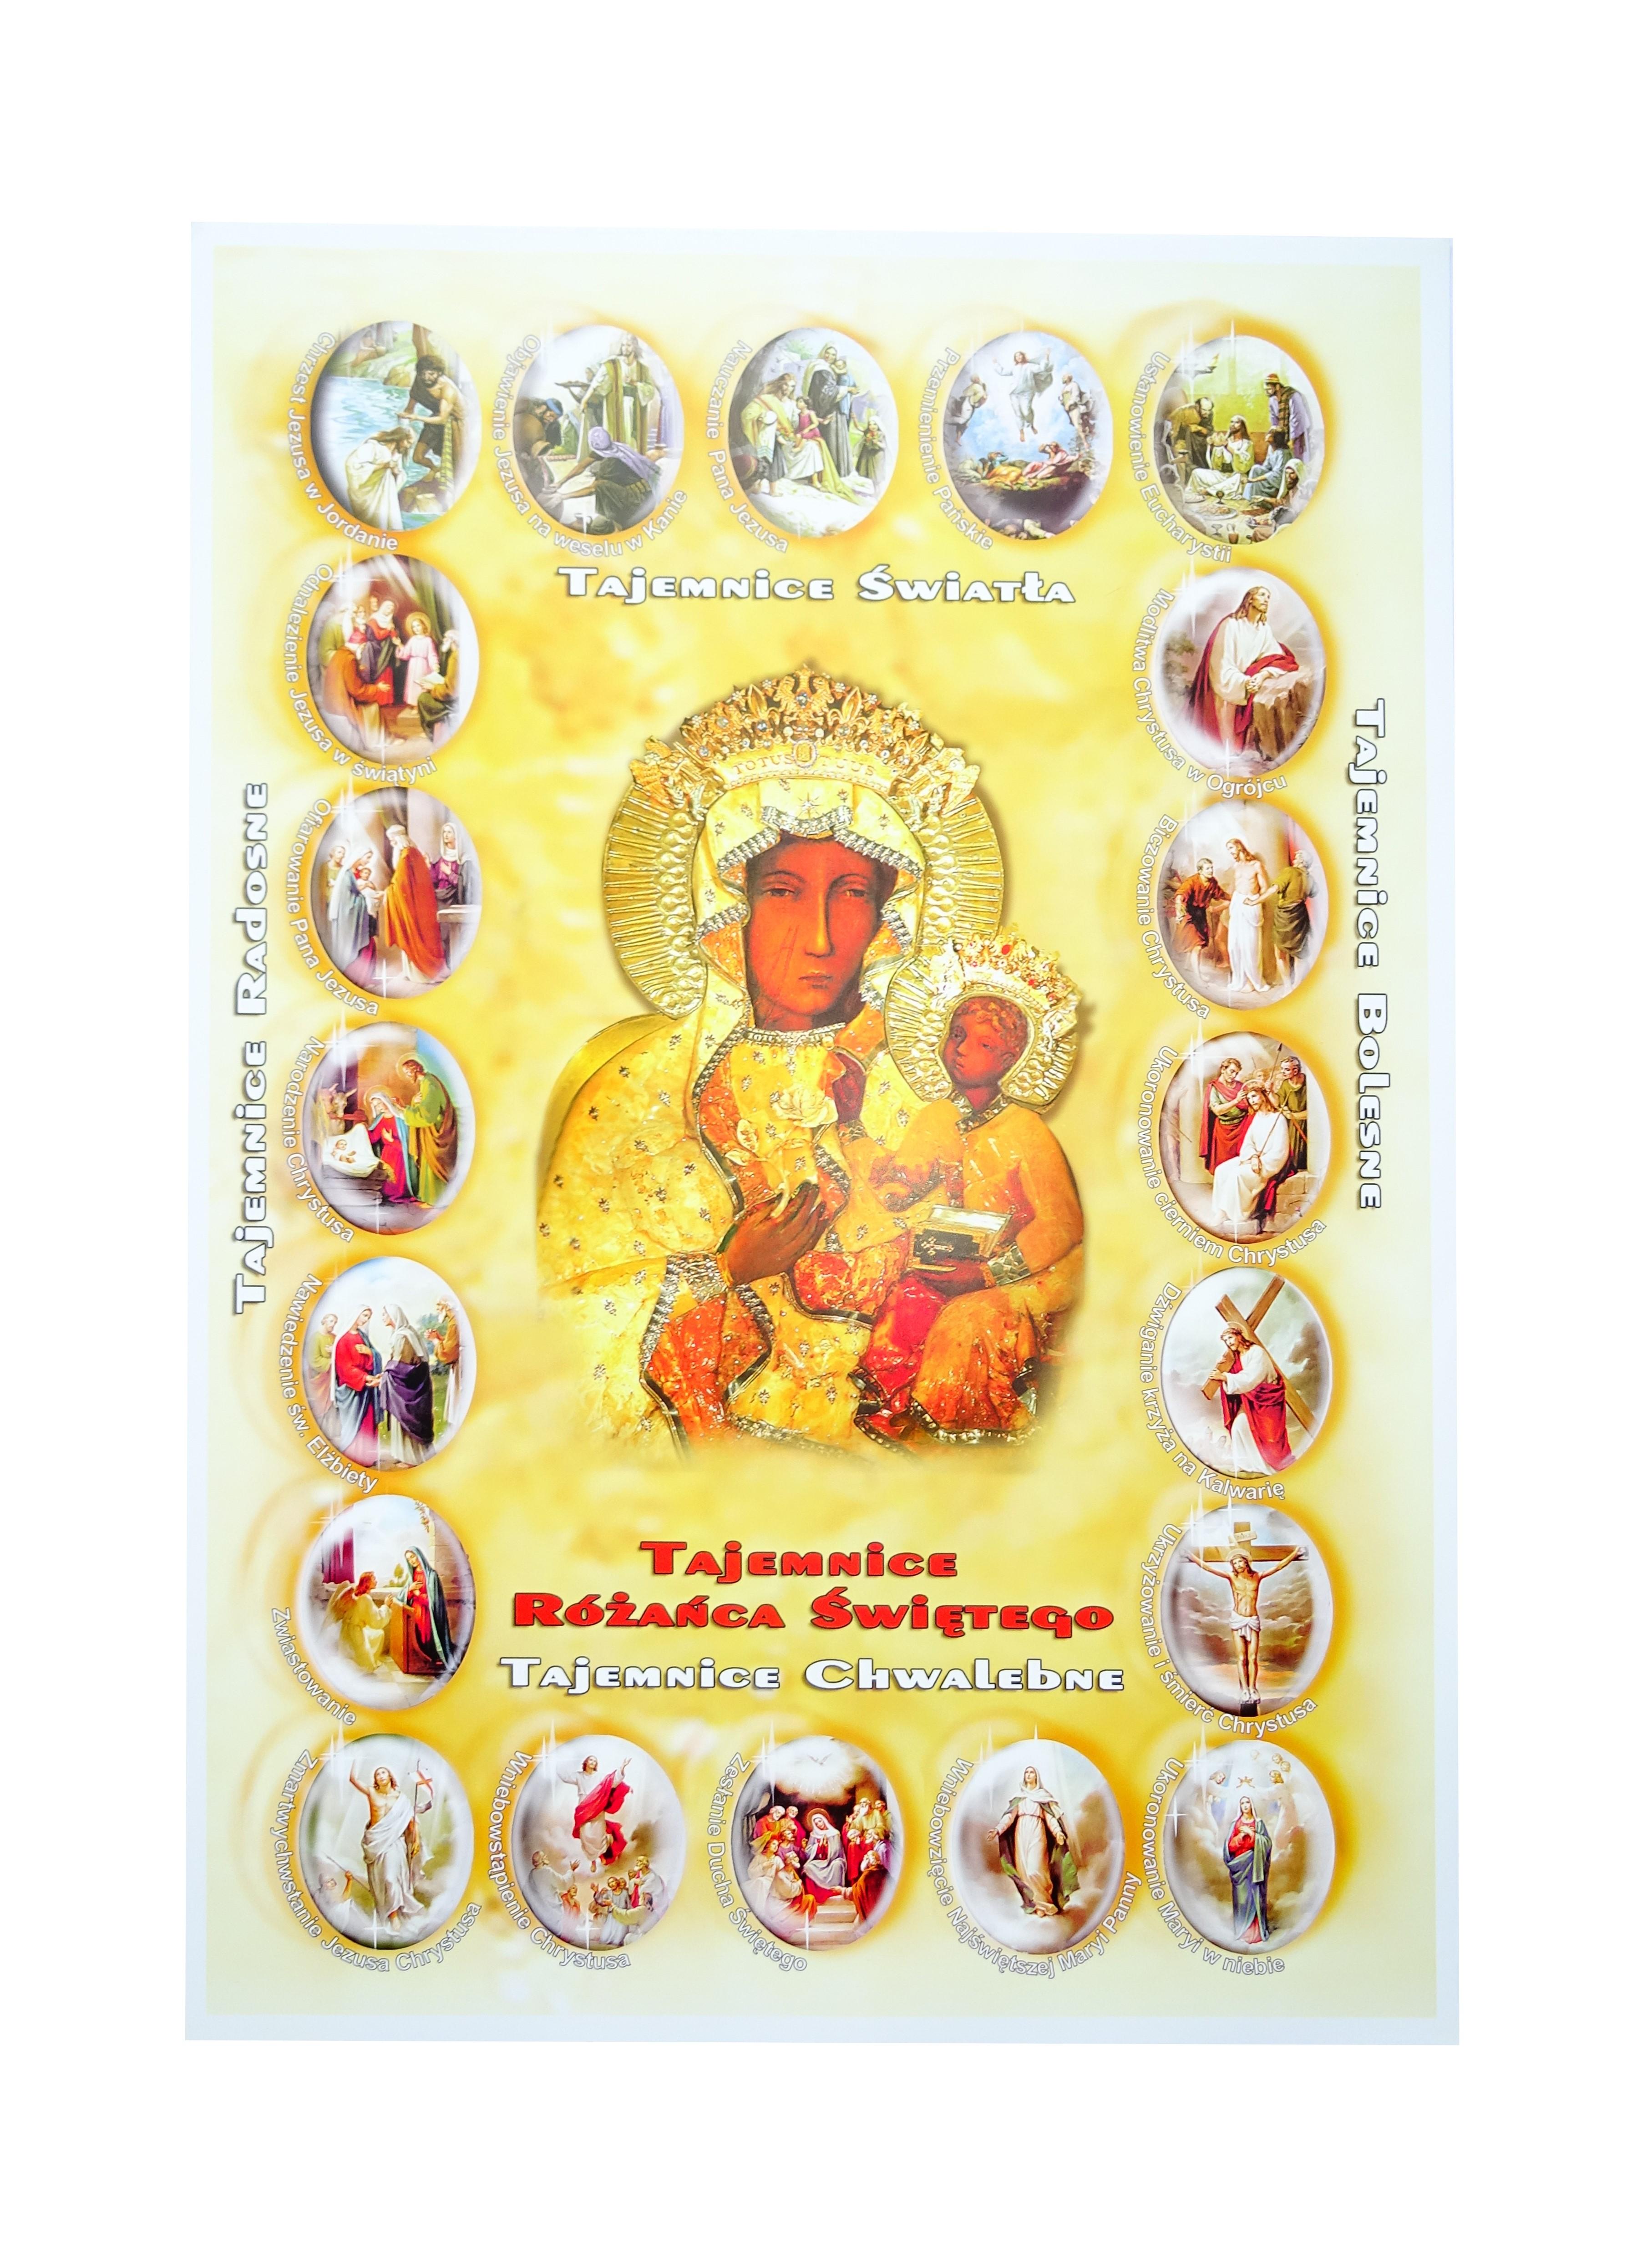 Plakat Tajemnice Różańca świętego Matka Boska Częstochowska Mat